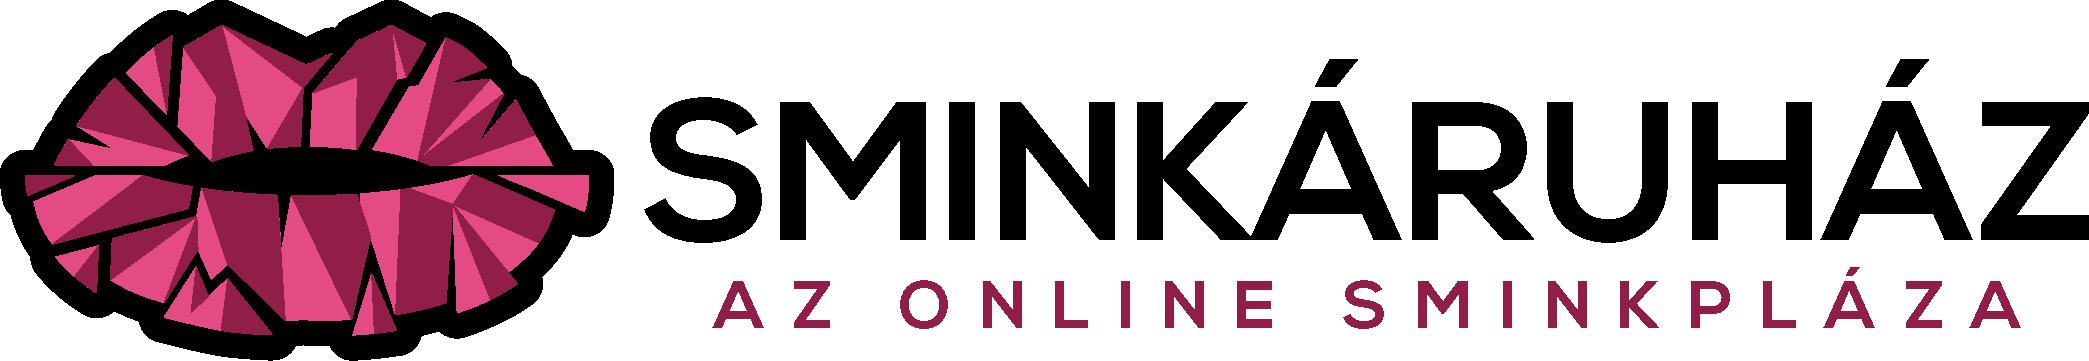 Smink Áruház | Az online sminkpláza